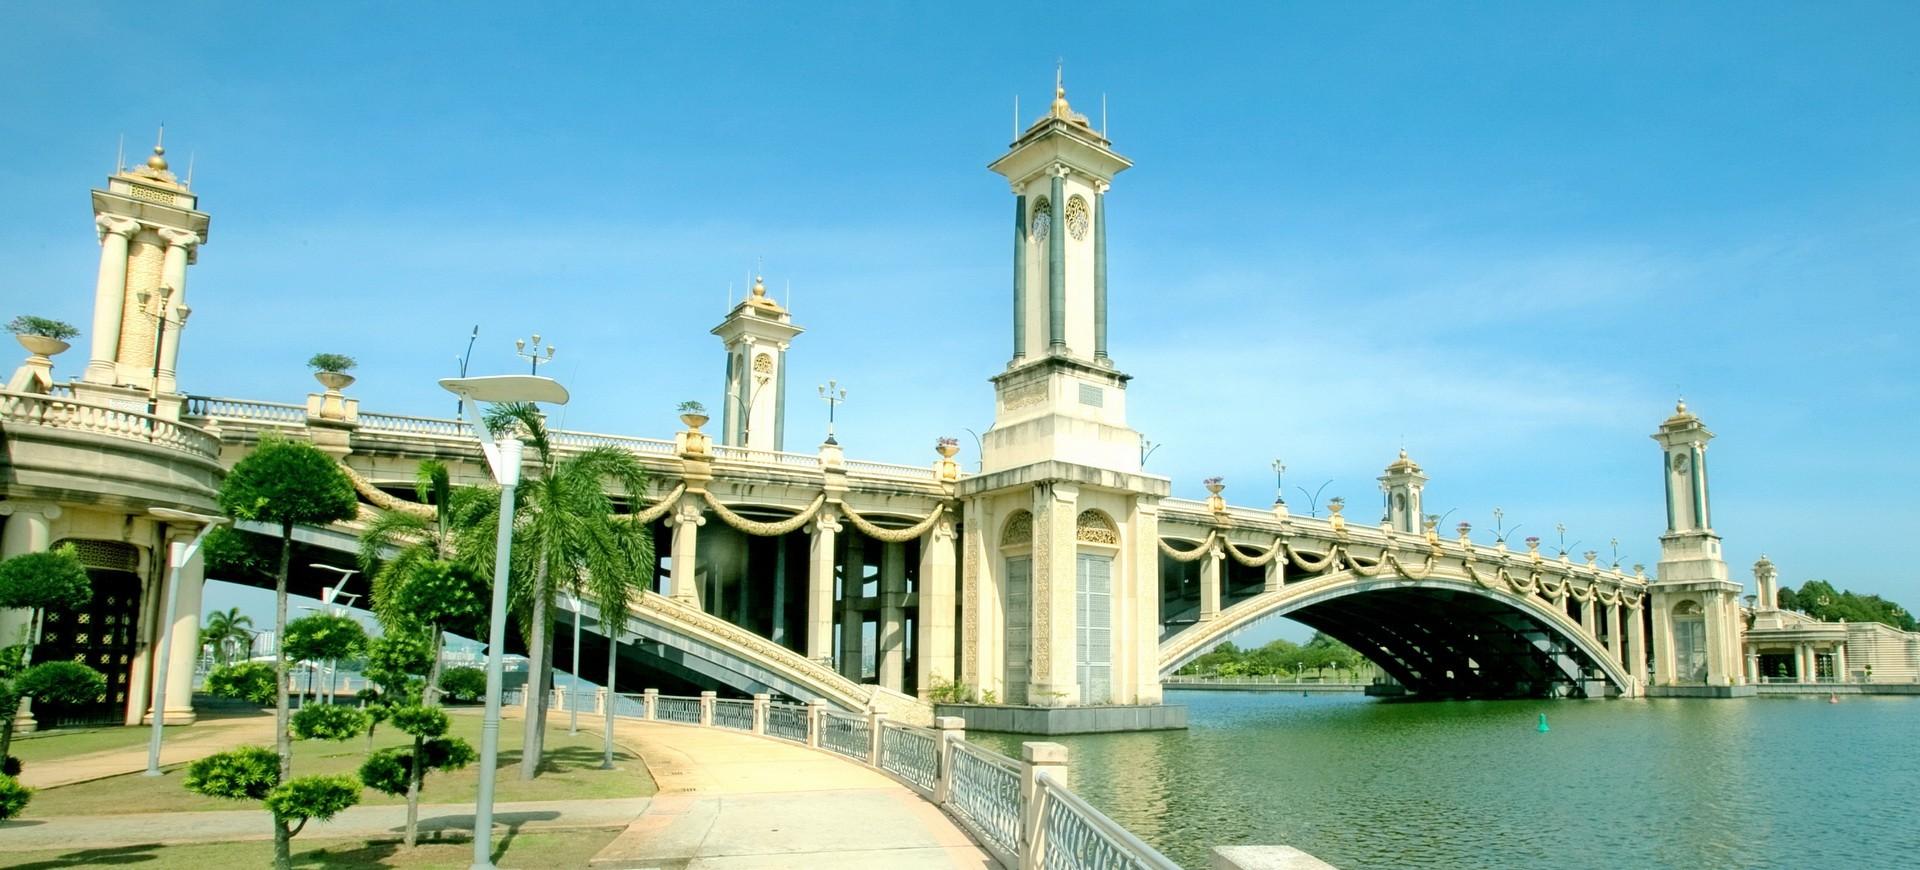 Malaisie Putrajaya Pnt Jambatan Seri Gemilang